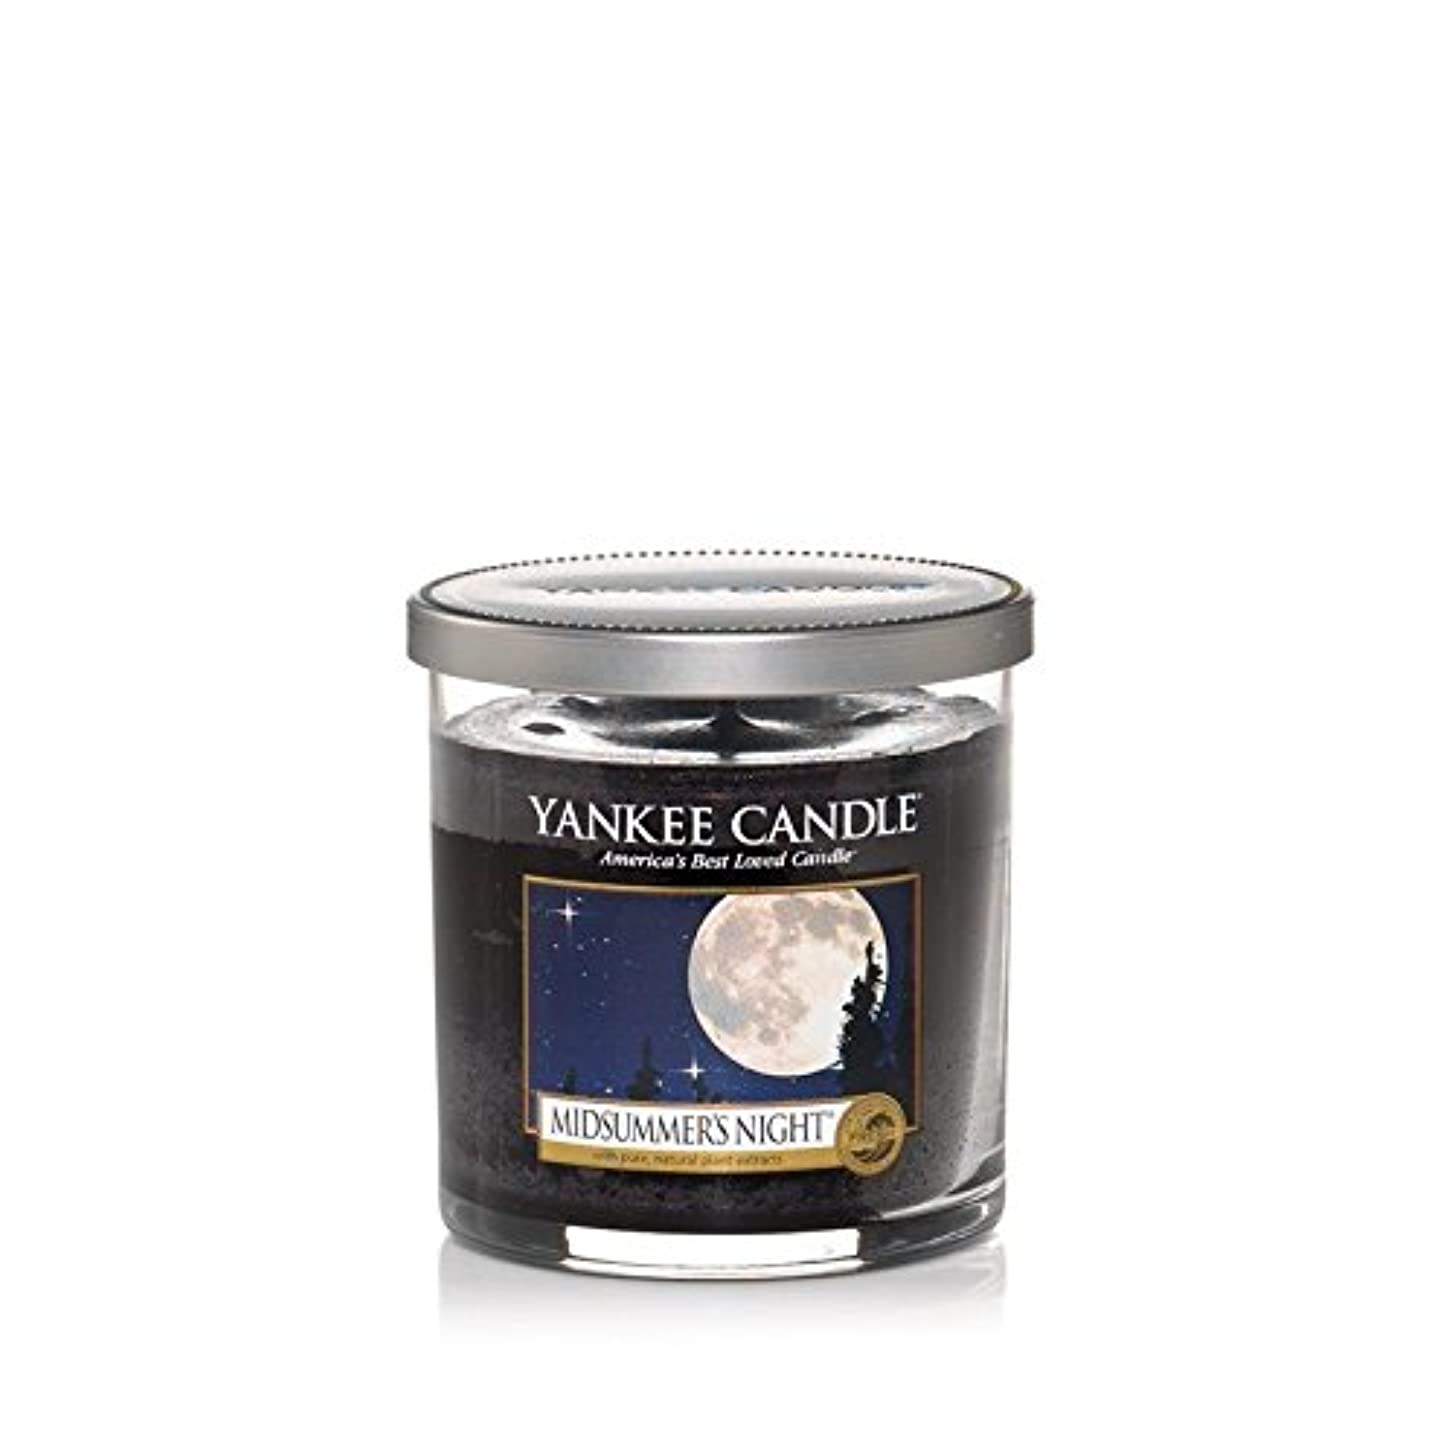 等テーブル振りかけるYankee Candles Small Pillar Candle - Midsummers Night (Pack of 6) - ヤンキーキャンドルの小さな柱キャンドル - Midsummers夜 (x6) [並行輸入品]